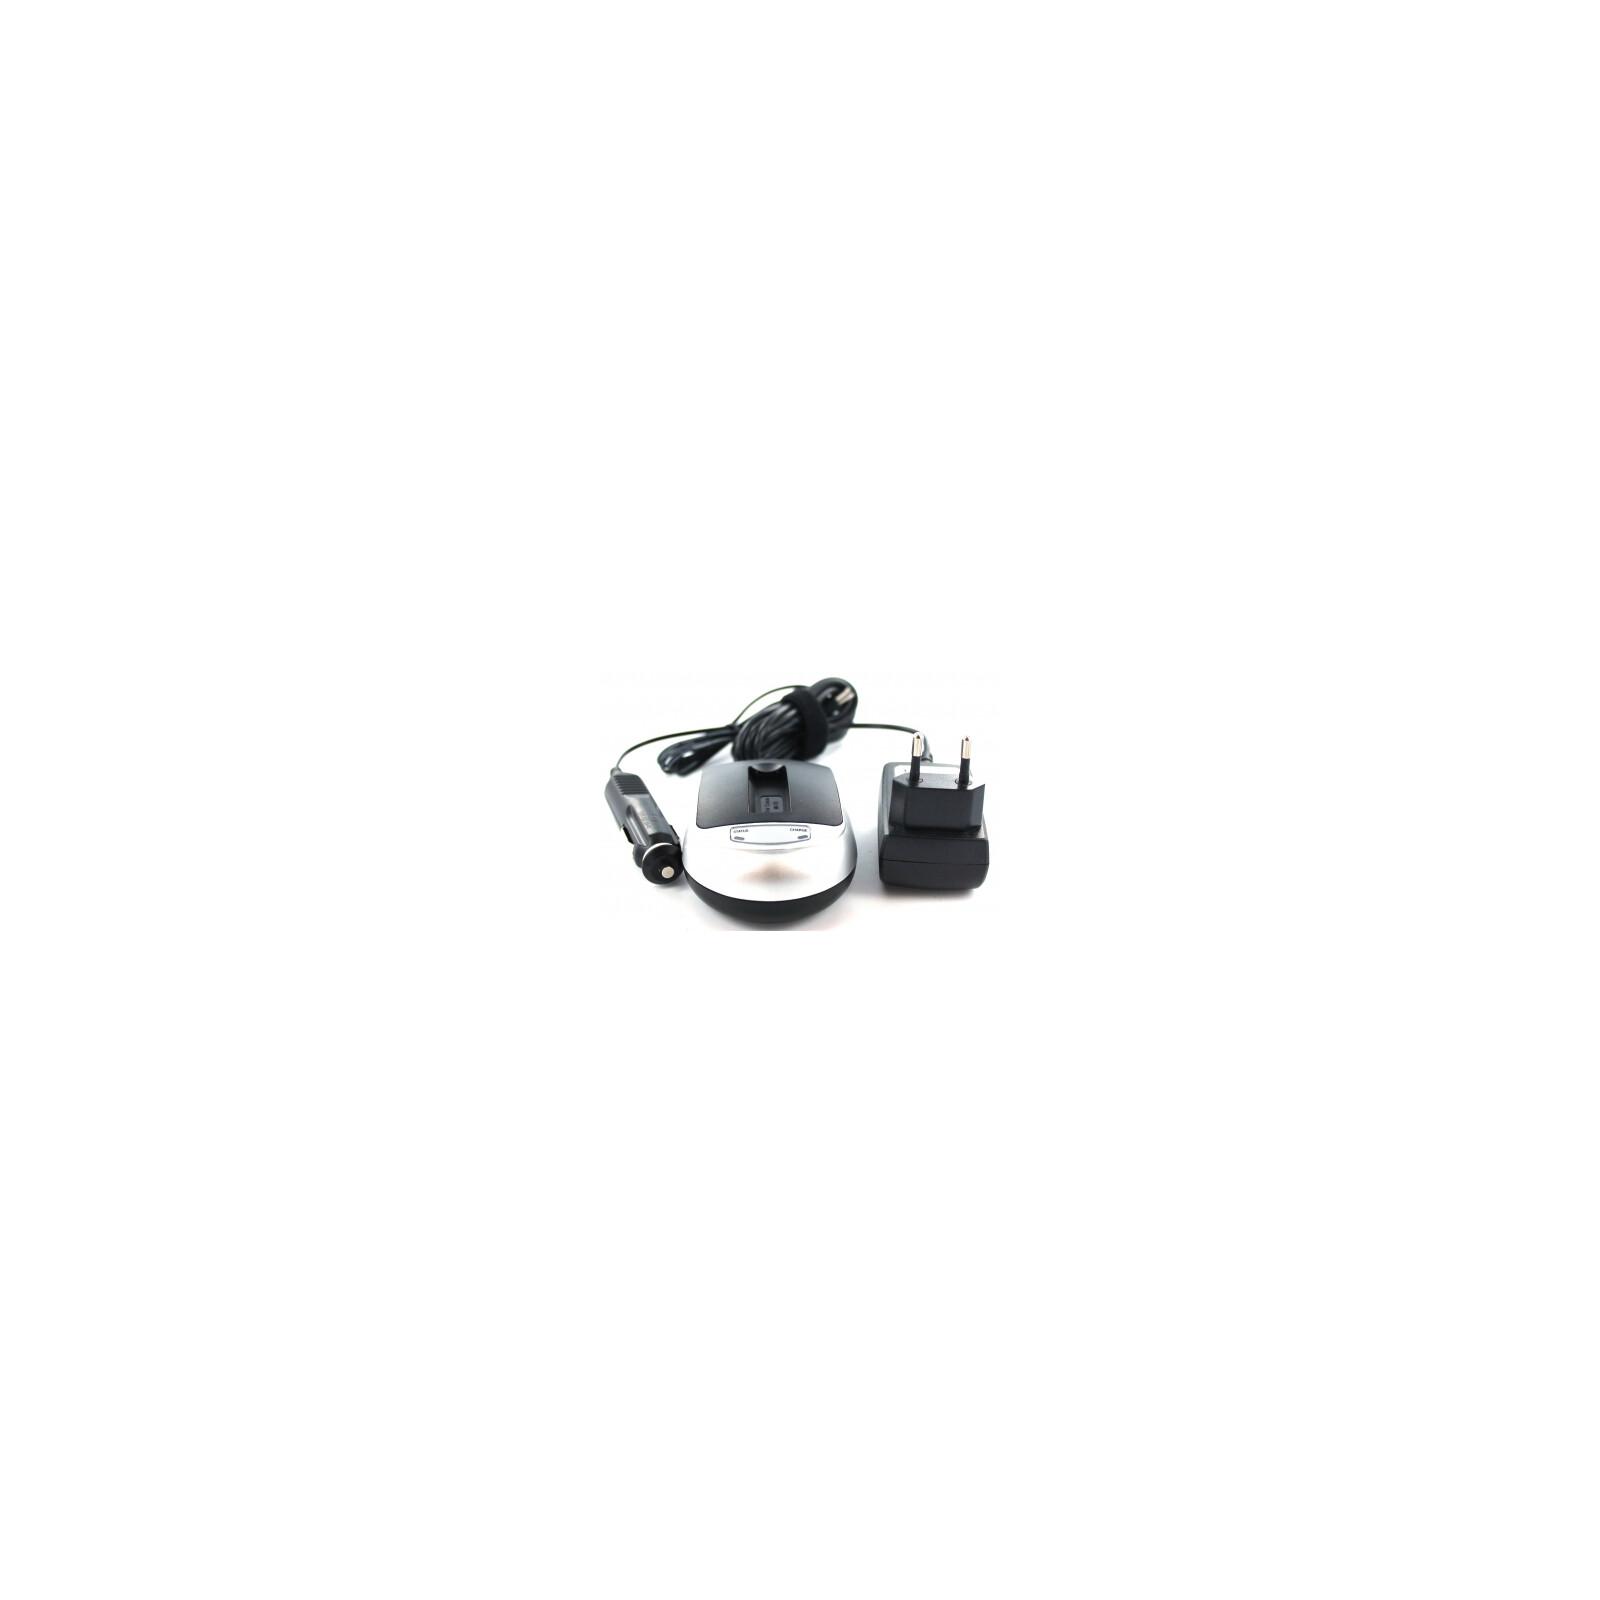 AGI 79761 Ladegerät Canon IXUS 1000 HS